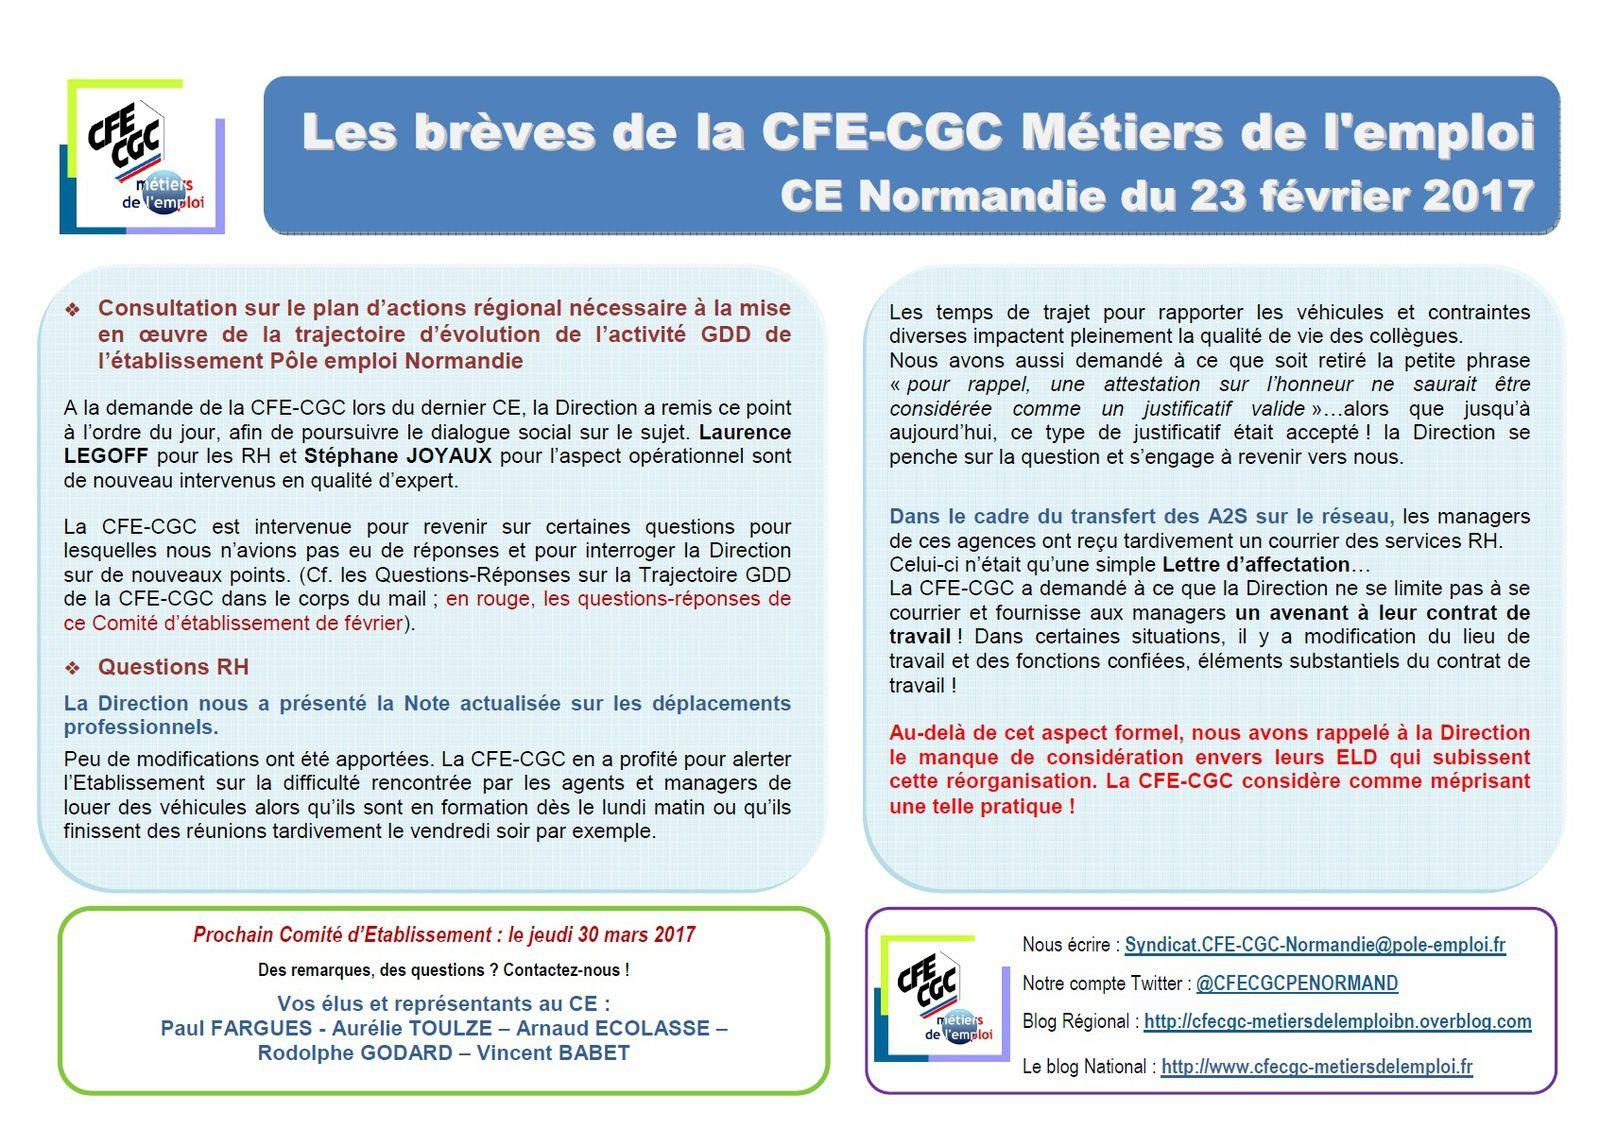 Brèves CE de Février 2017 et Communication CFE-CGC Métiers de l'emploi Normandie sur le projet Trajectoire GDD